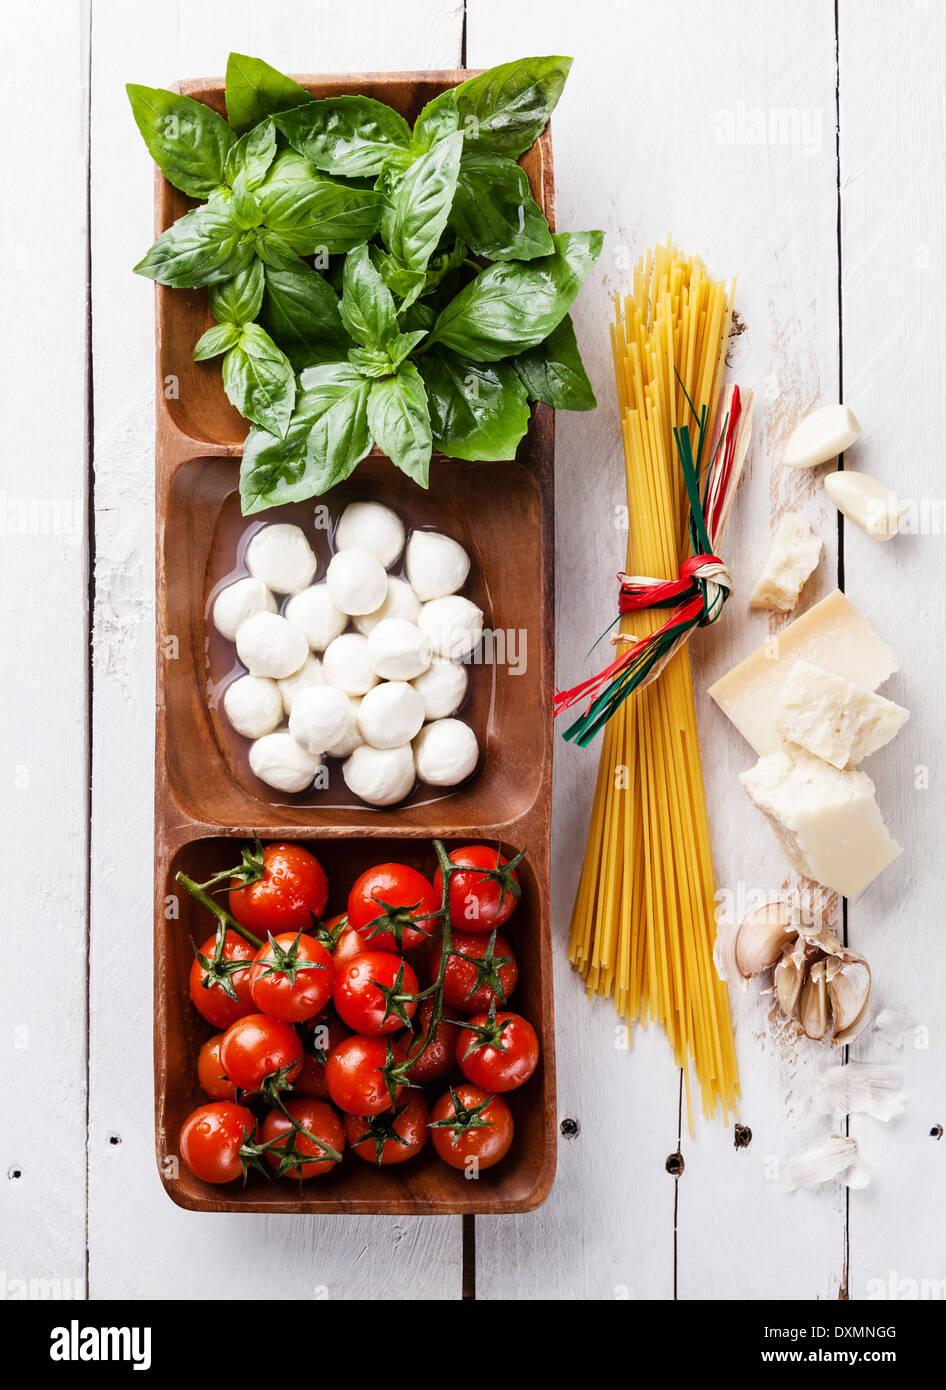 Bandiera Italiana di colori con il verde del basilico, mozzarella bianco, rosso dei pomodori, parmigiano e spaghetti Immagini Stock